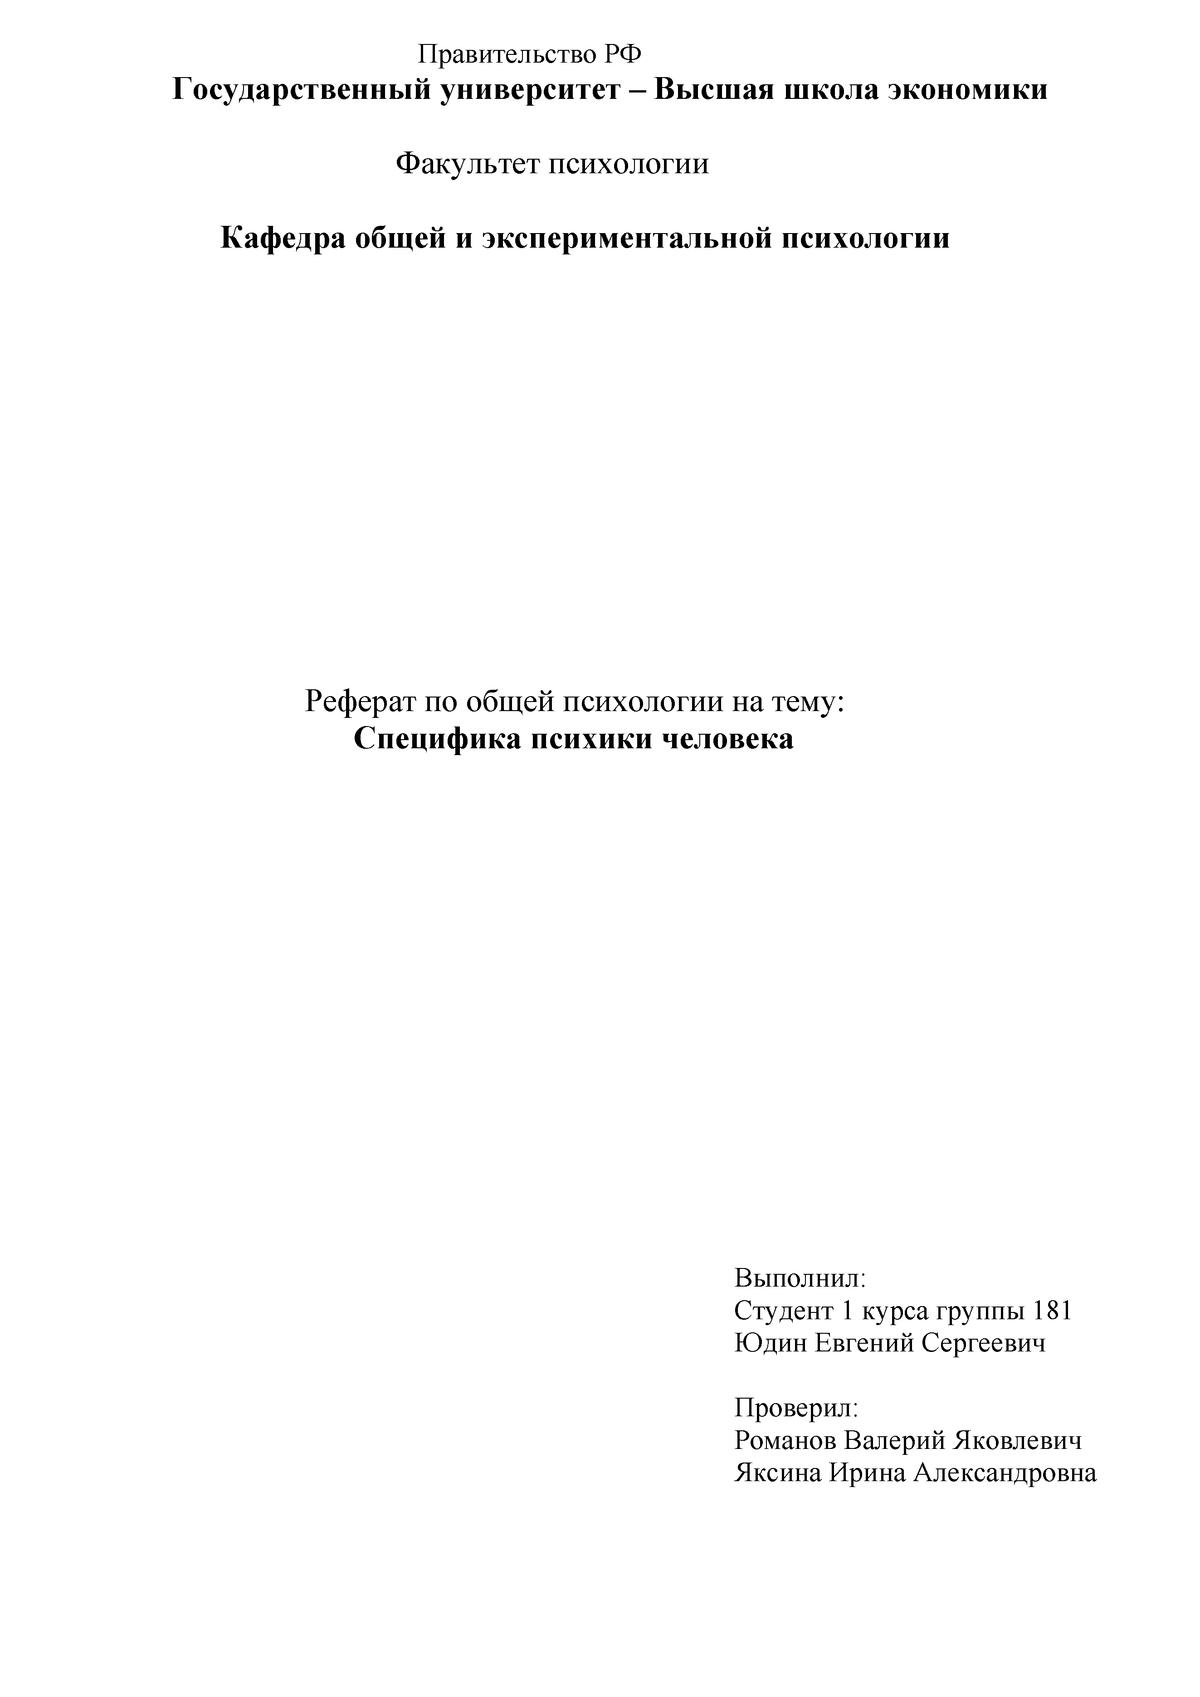 Рефераты по общей психологии 8971